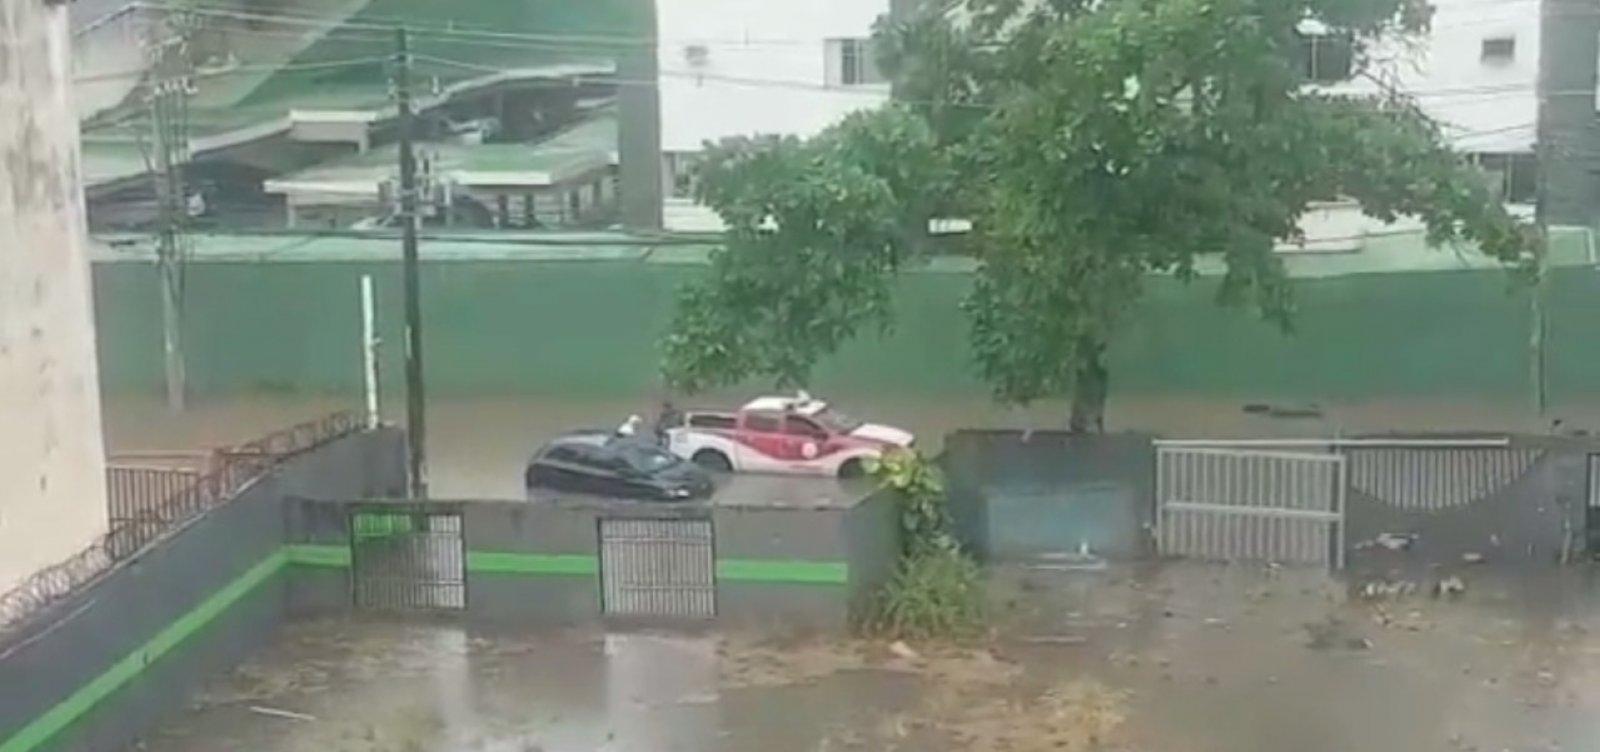 Com fortes chuvas, idoso fica ilhado na Pituba e é resgatado por bombeiros; veja vídeo